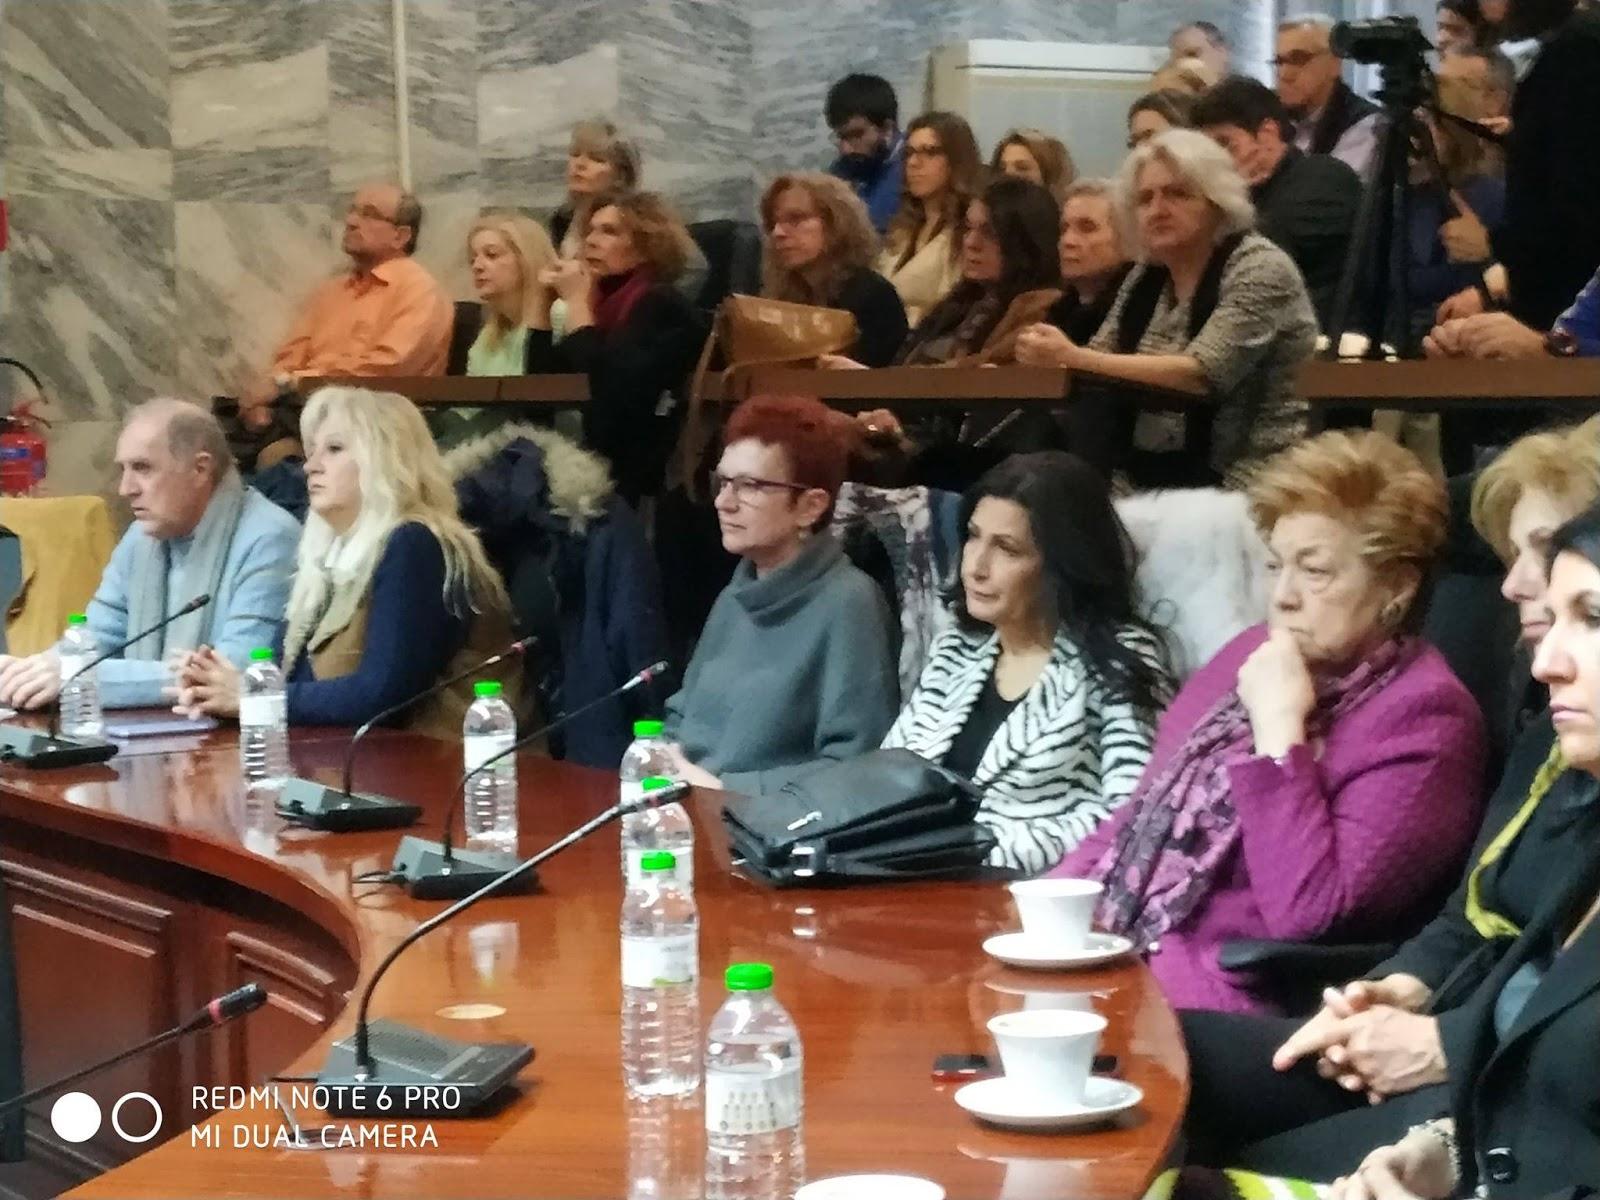 Παρέμβαση των Εν.Πο.Λ. στη συνάντηση με την υπουργό Πολιτισμού